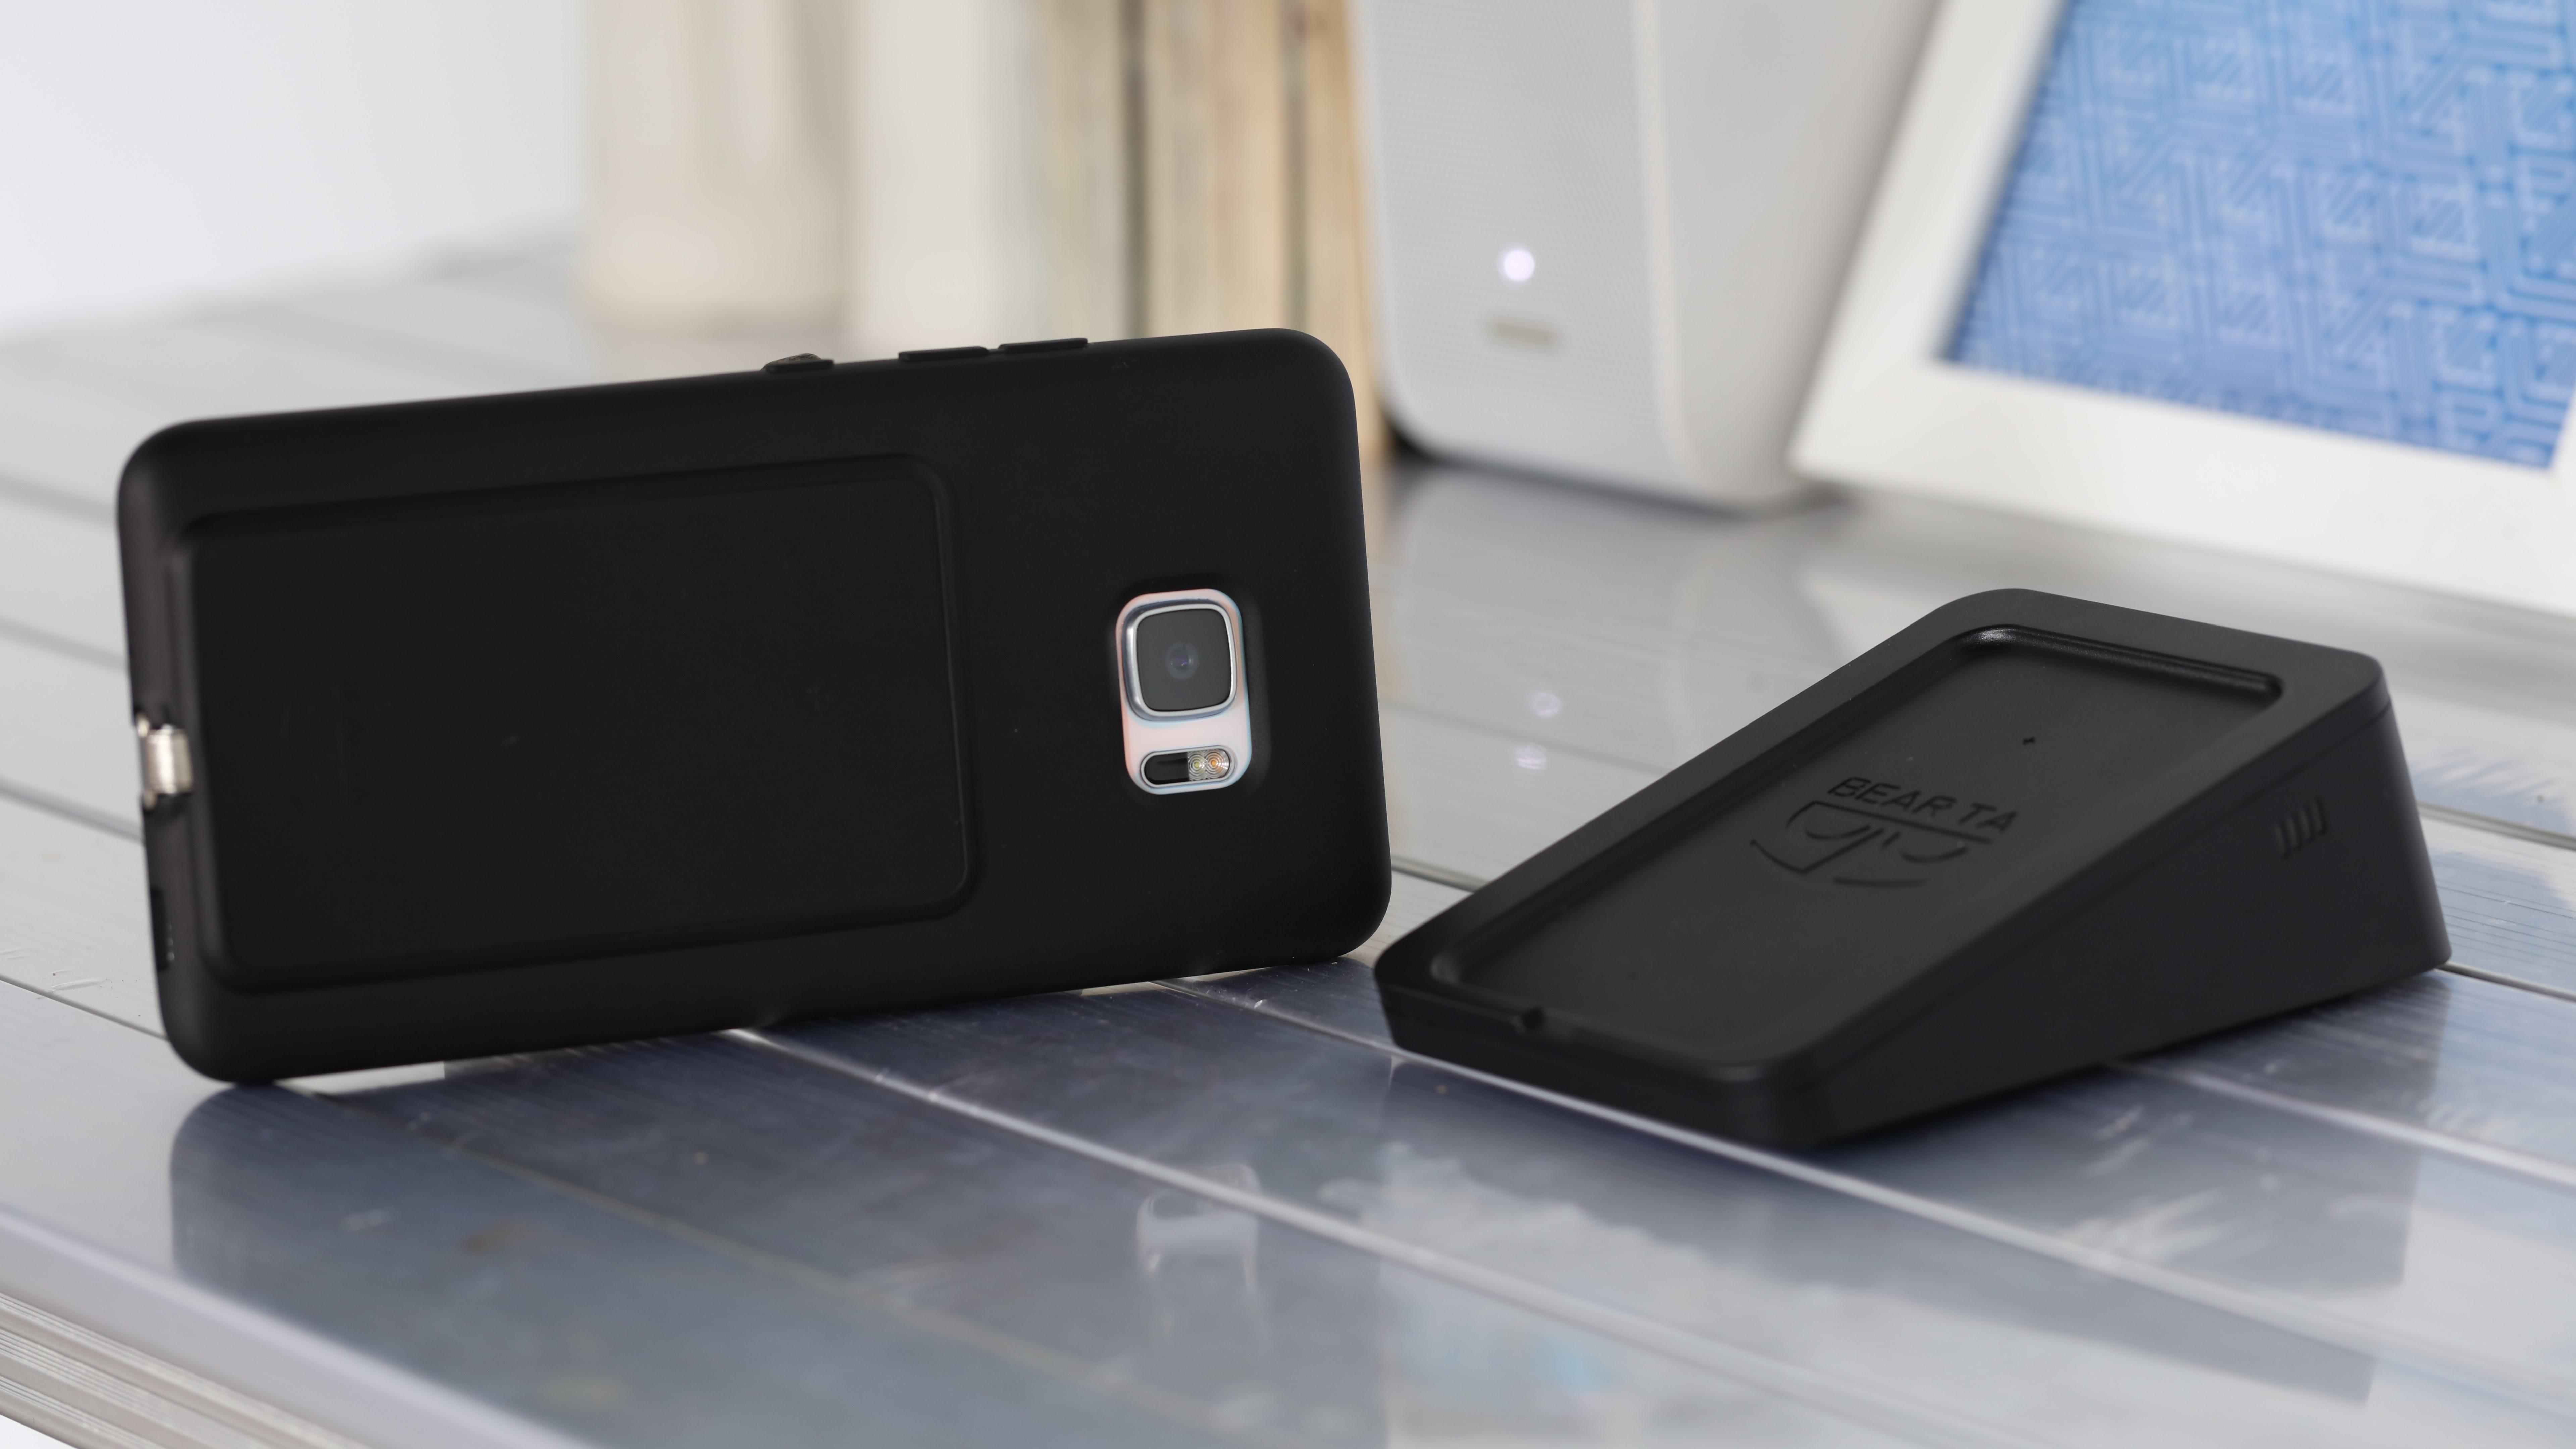 最新15W手機應用無線快充產品,讓人們生活更便利